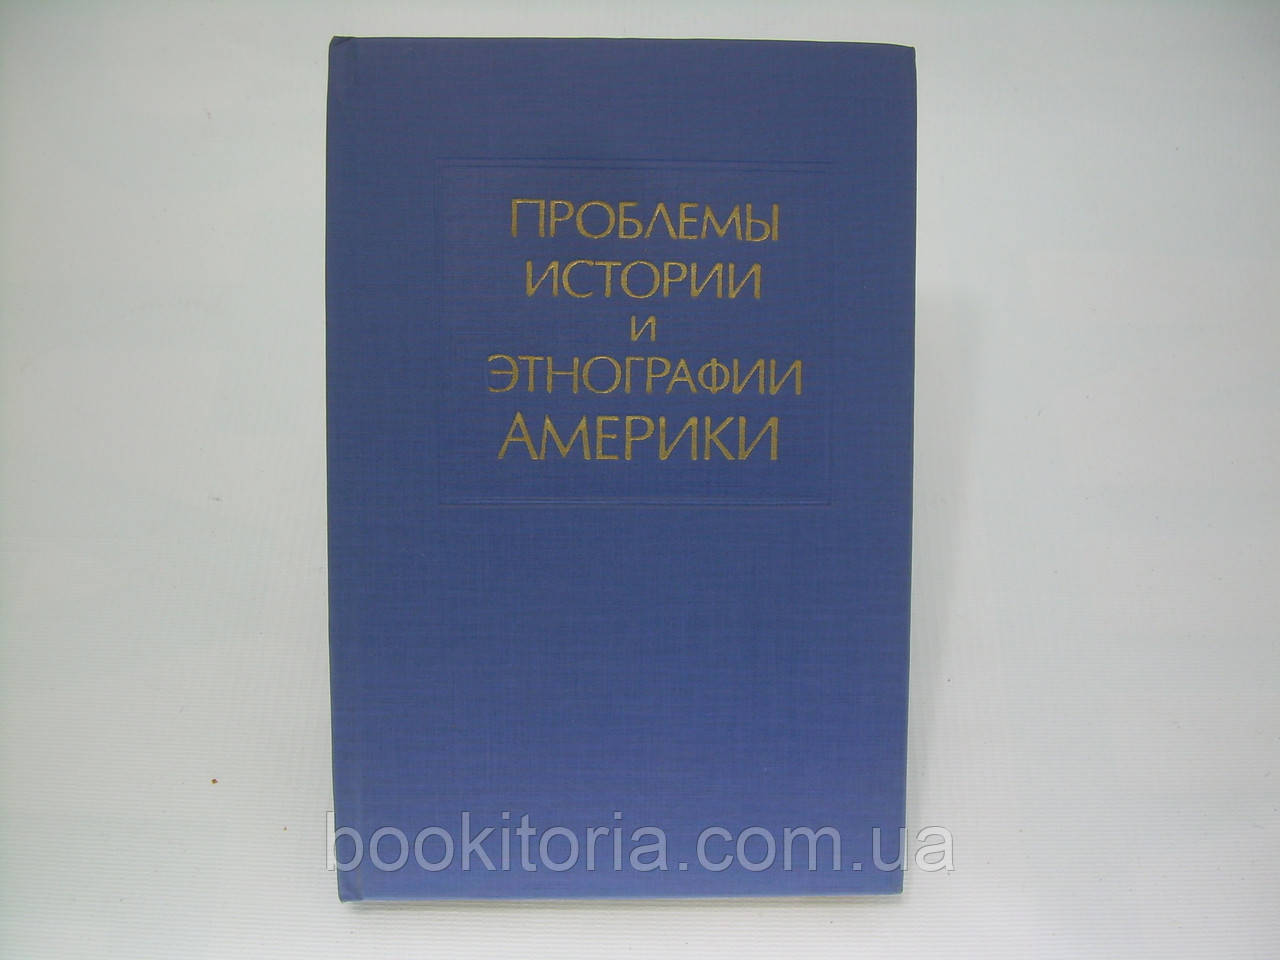 Проблемы истории и этнографии Америки (б/у).